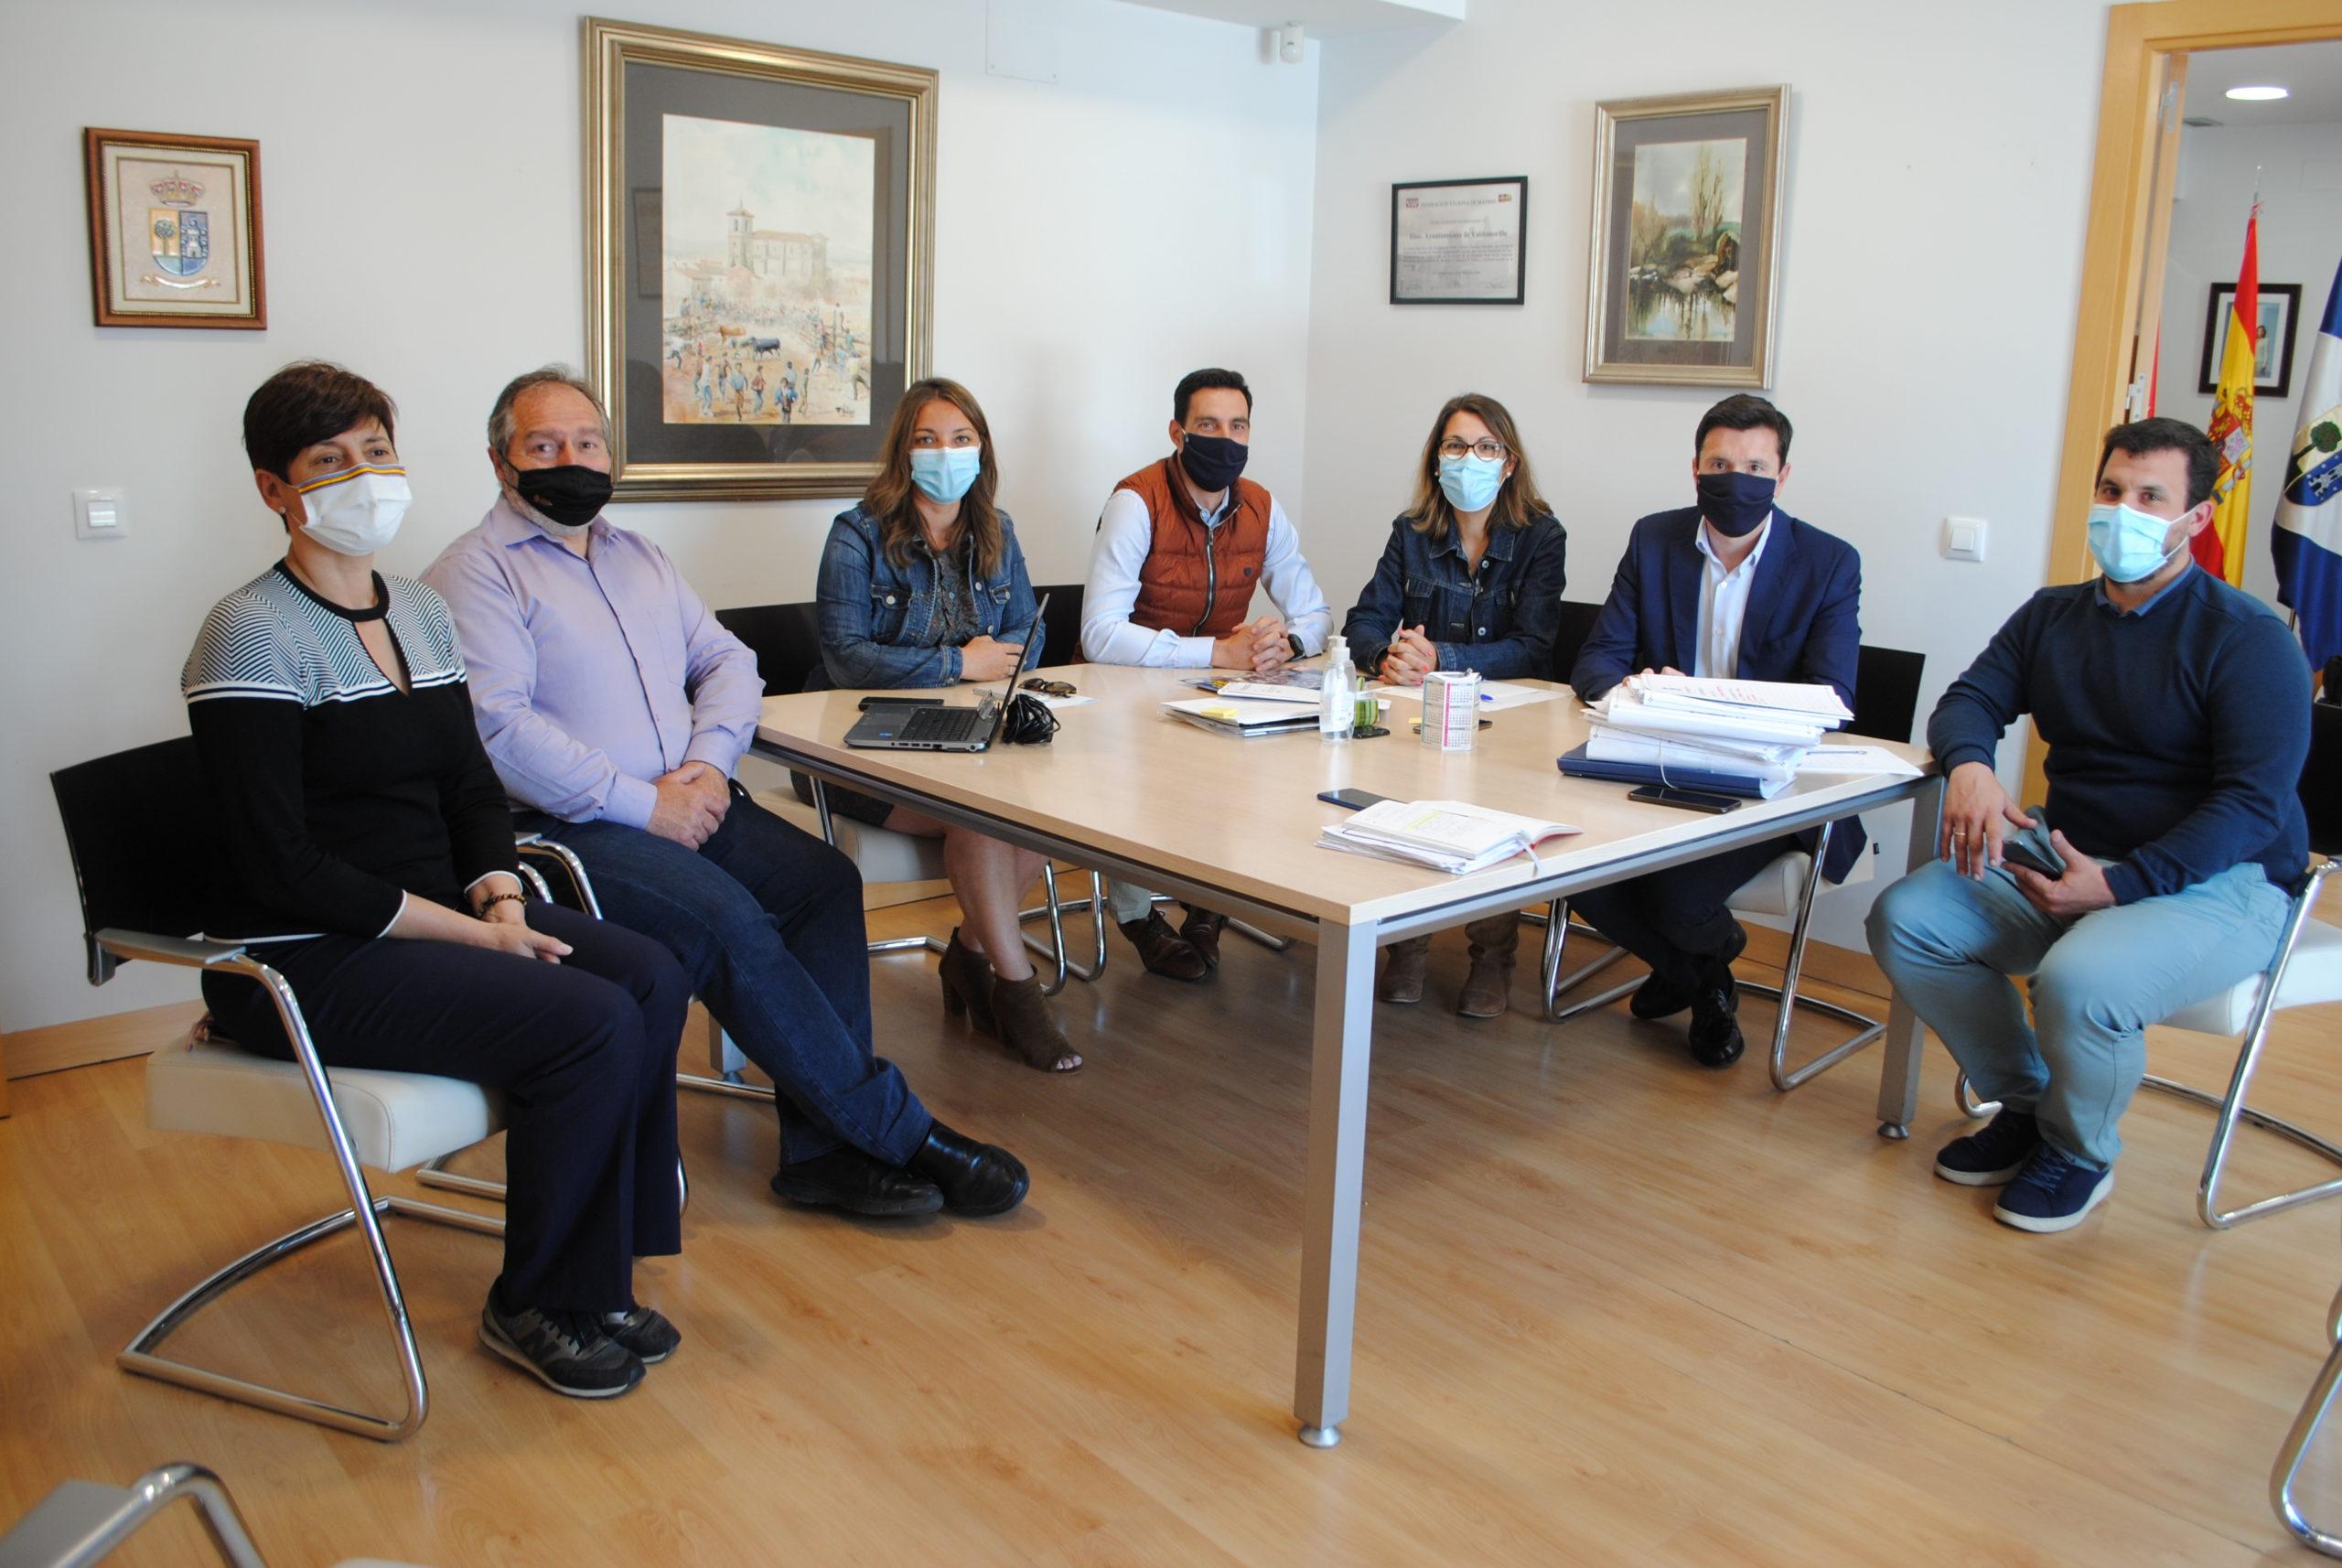 La Junta de Gobierno Local da luz verde al inicio del expediente de contratación para la instalación de cámaras de videovigilancia en el casco urbano y urbanizaciones